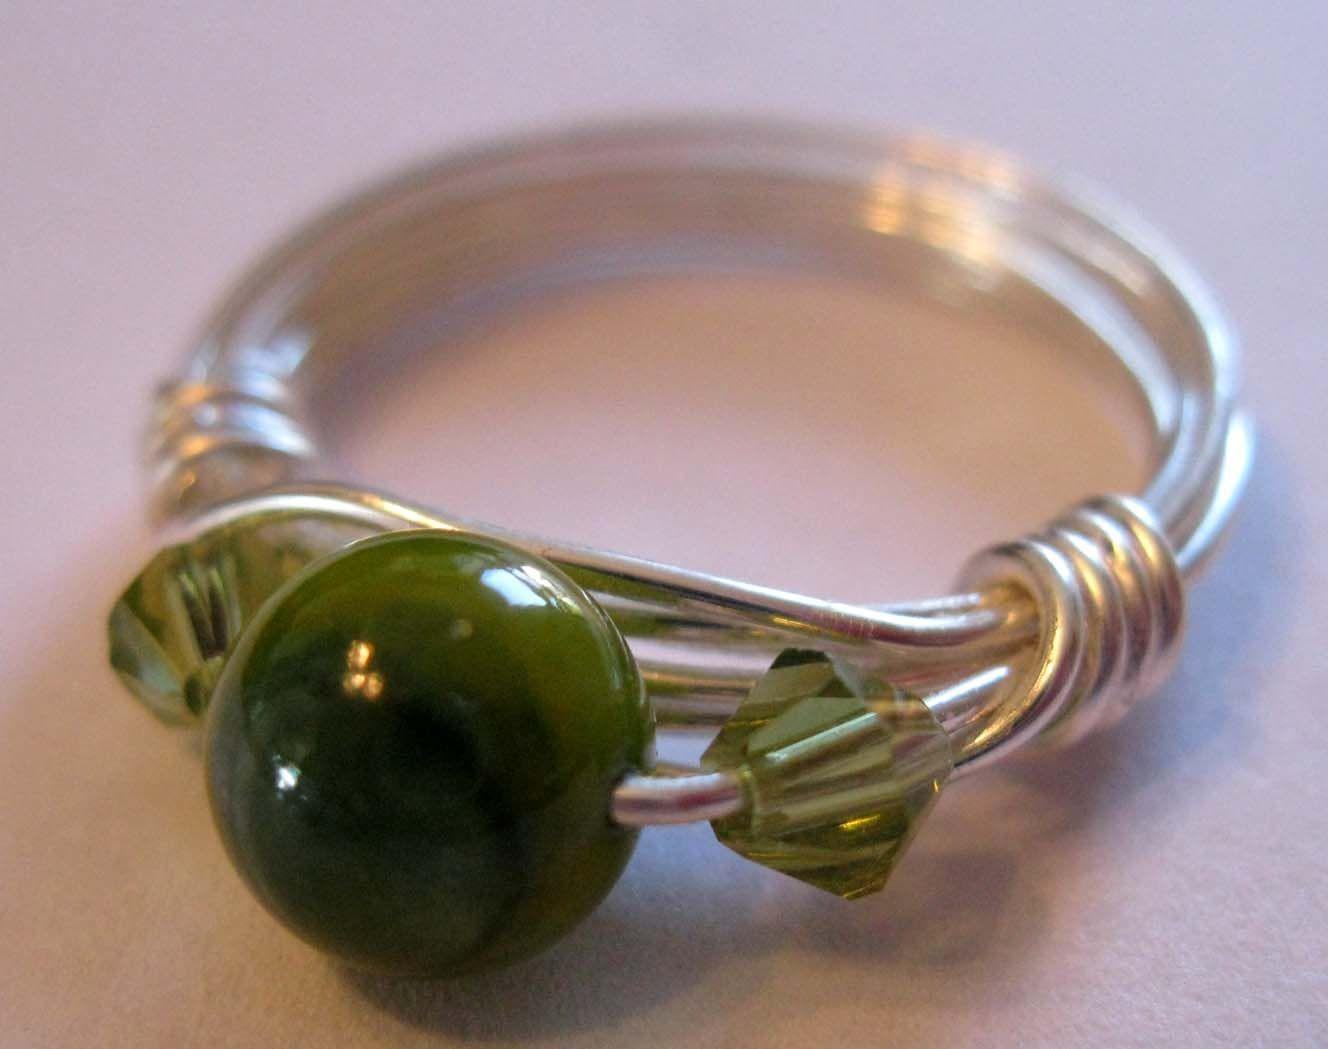 Free Wire Wrap Jewelry Patterns | crafty jewelry: wire wrapped ...